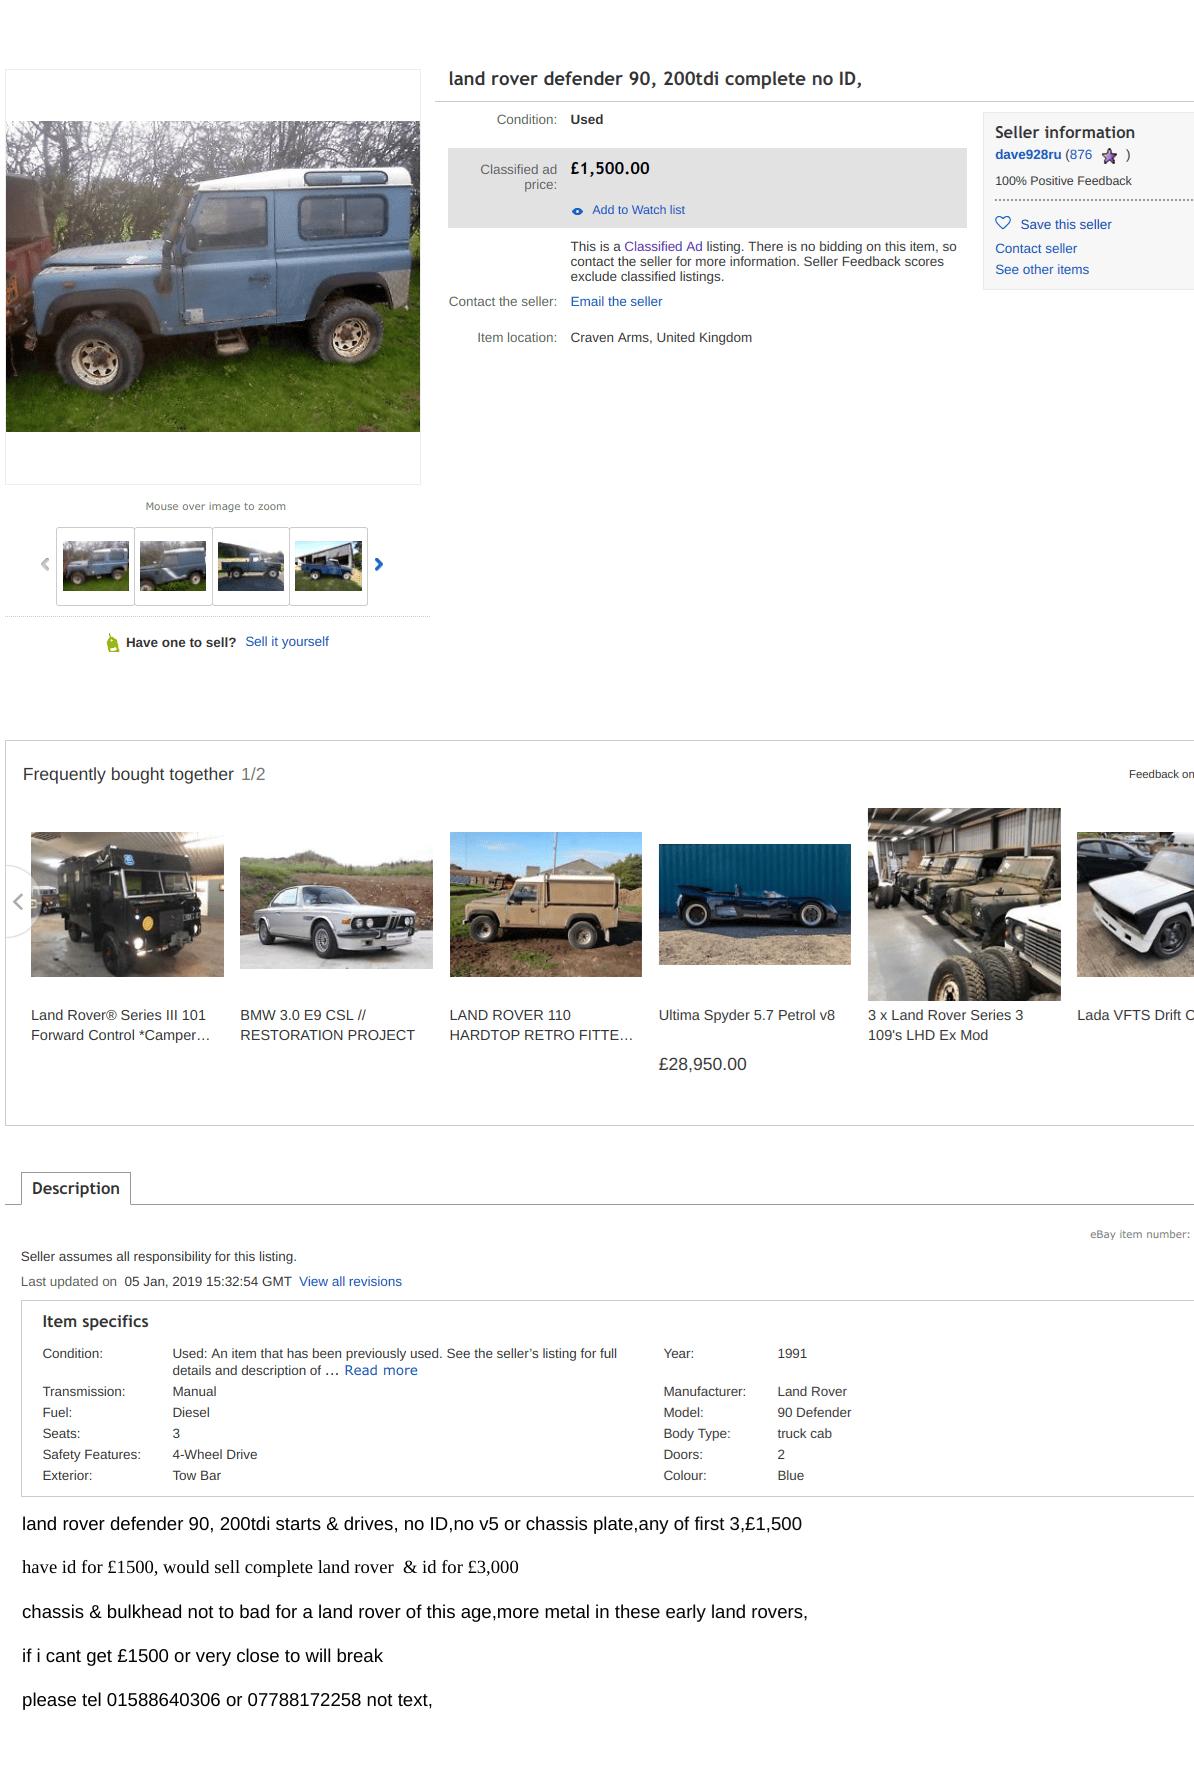 ebay-co-uk-itm-land-rover-defender-90-.png